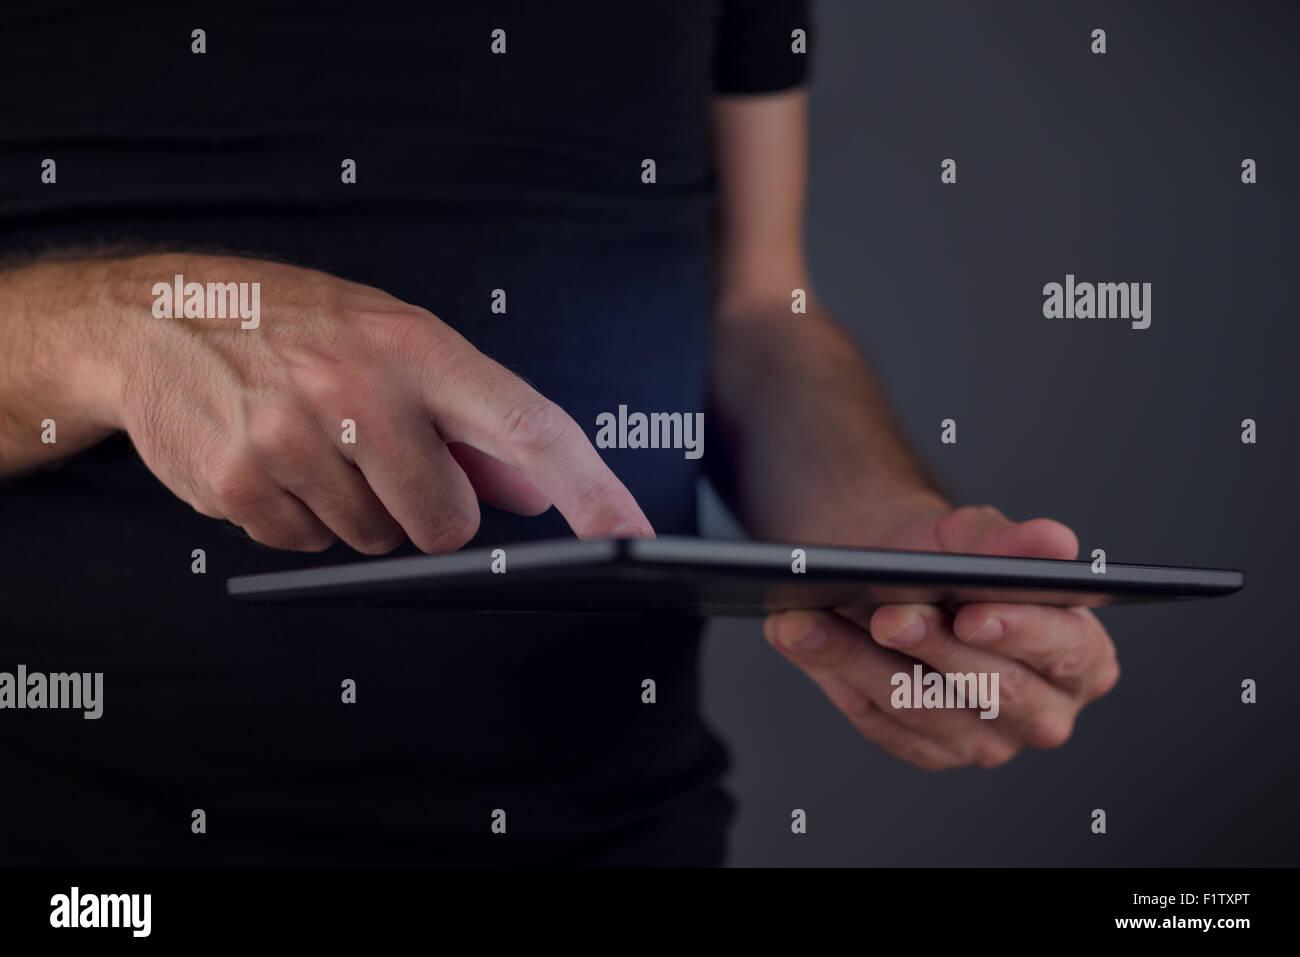 L'utilisation de l'ordinateur tablette numérique, l'homme touchant l'écran tactile de Photo Stock